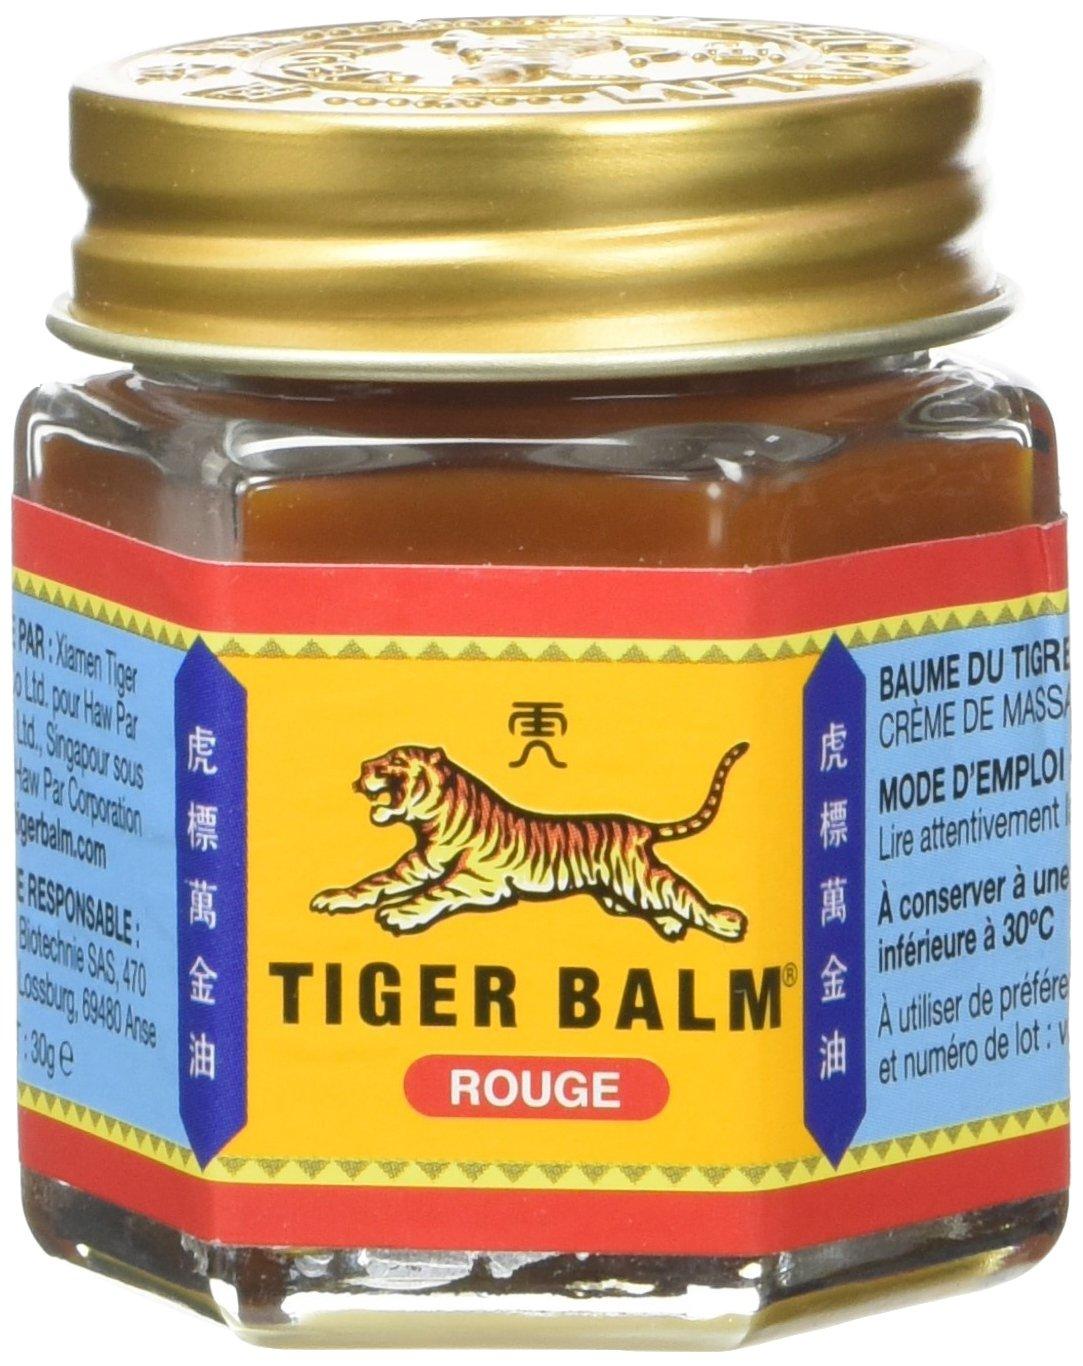 Bálsamo De Tigre 30g Rojo Super Fuerza Alivio De Dolor Crema Tailandia Tiger Balm product image